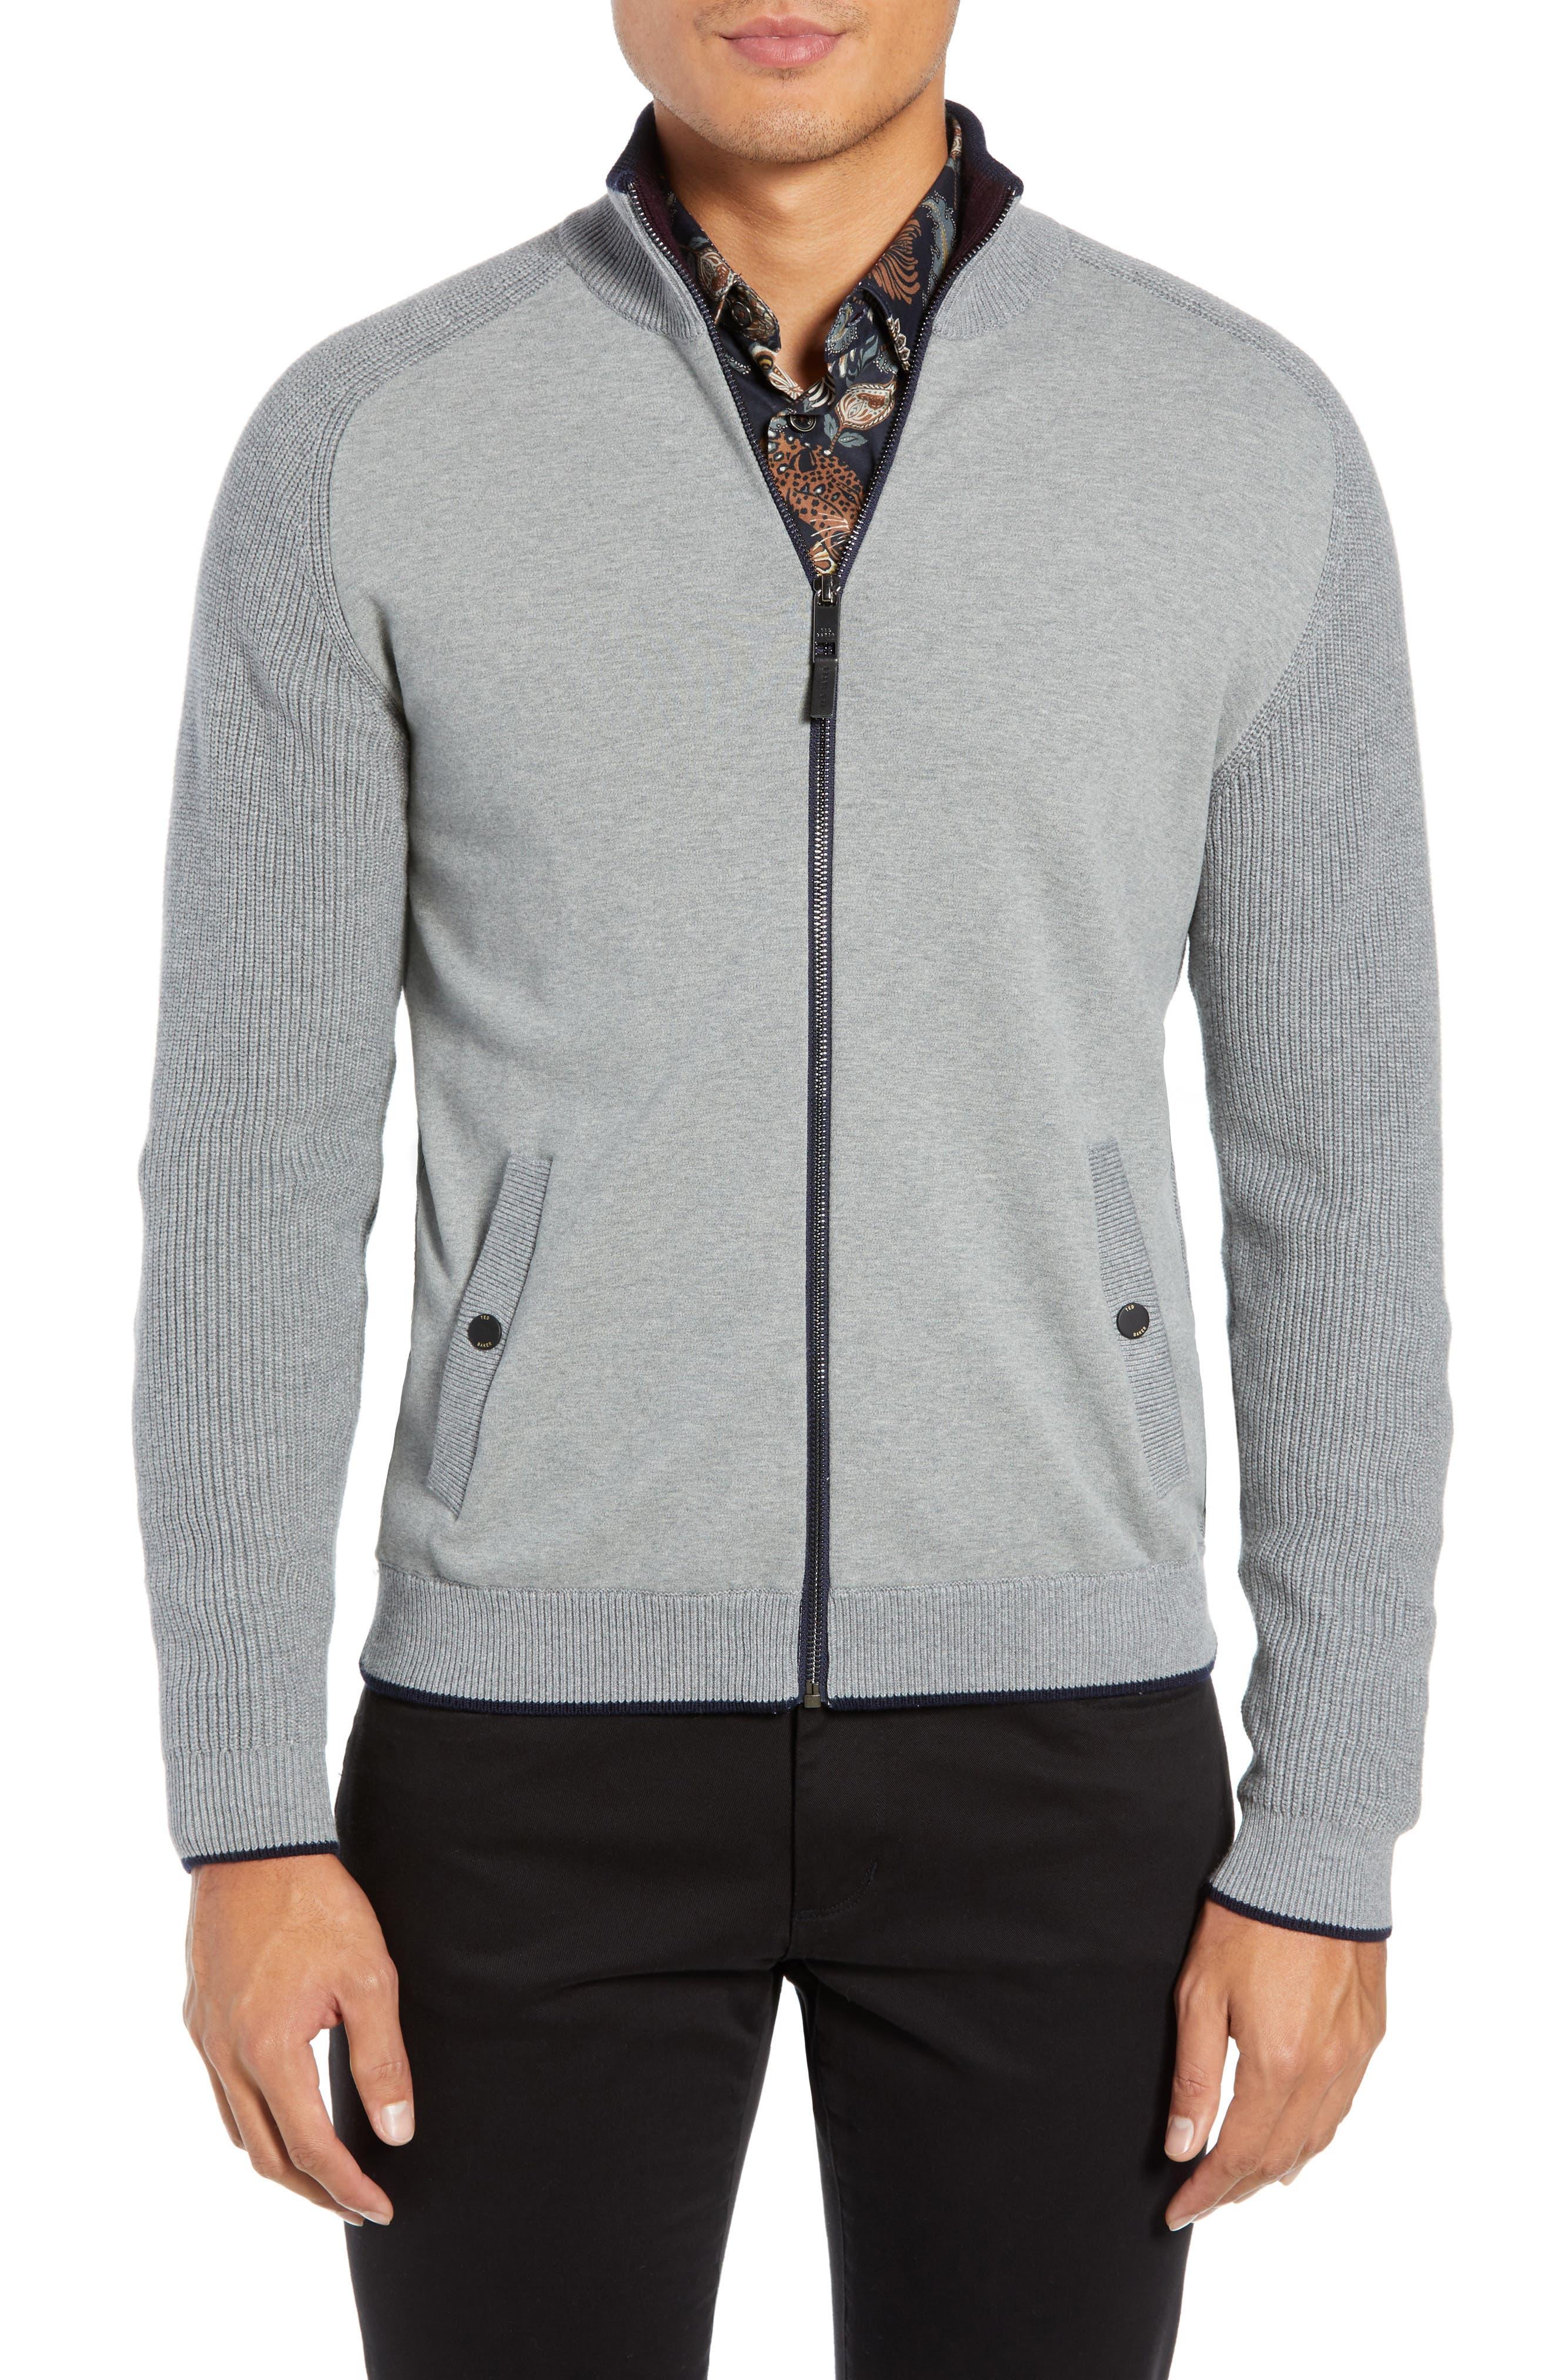 TED BAKER LONDON Patrik Slim Fit Zip Sweater, Main, color, 031